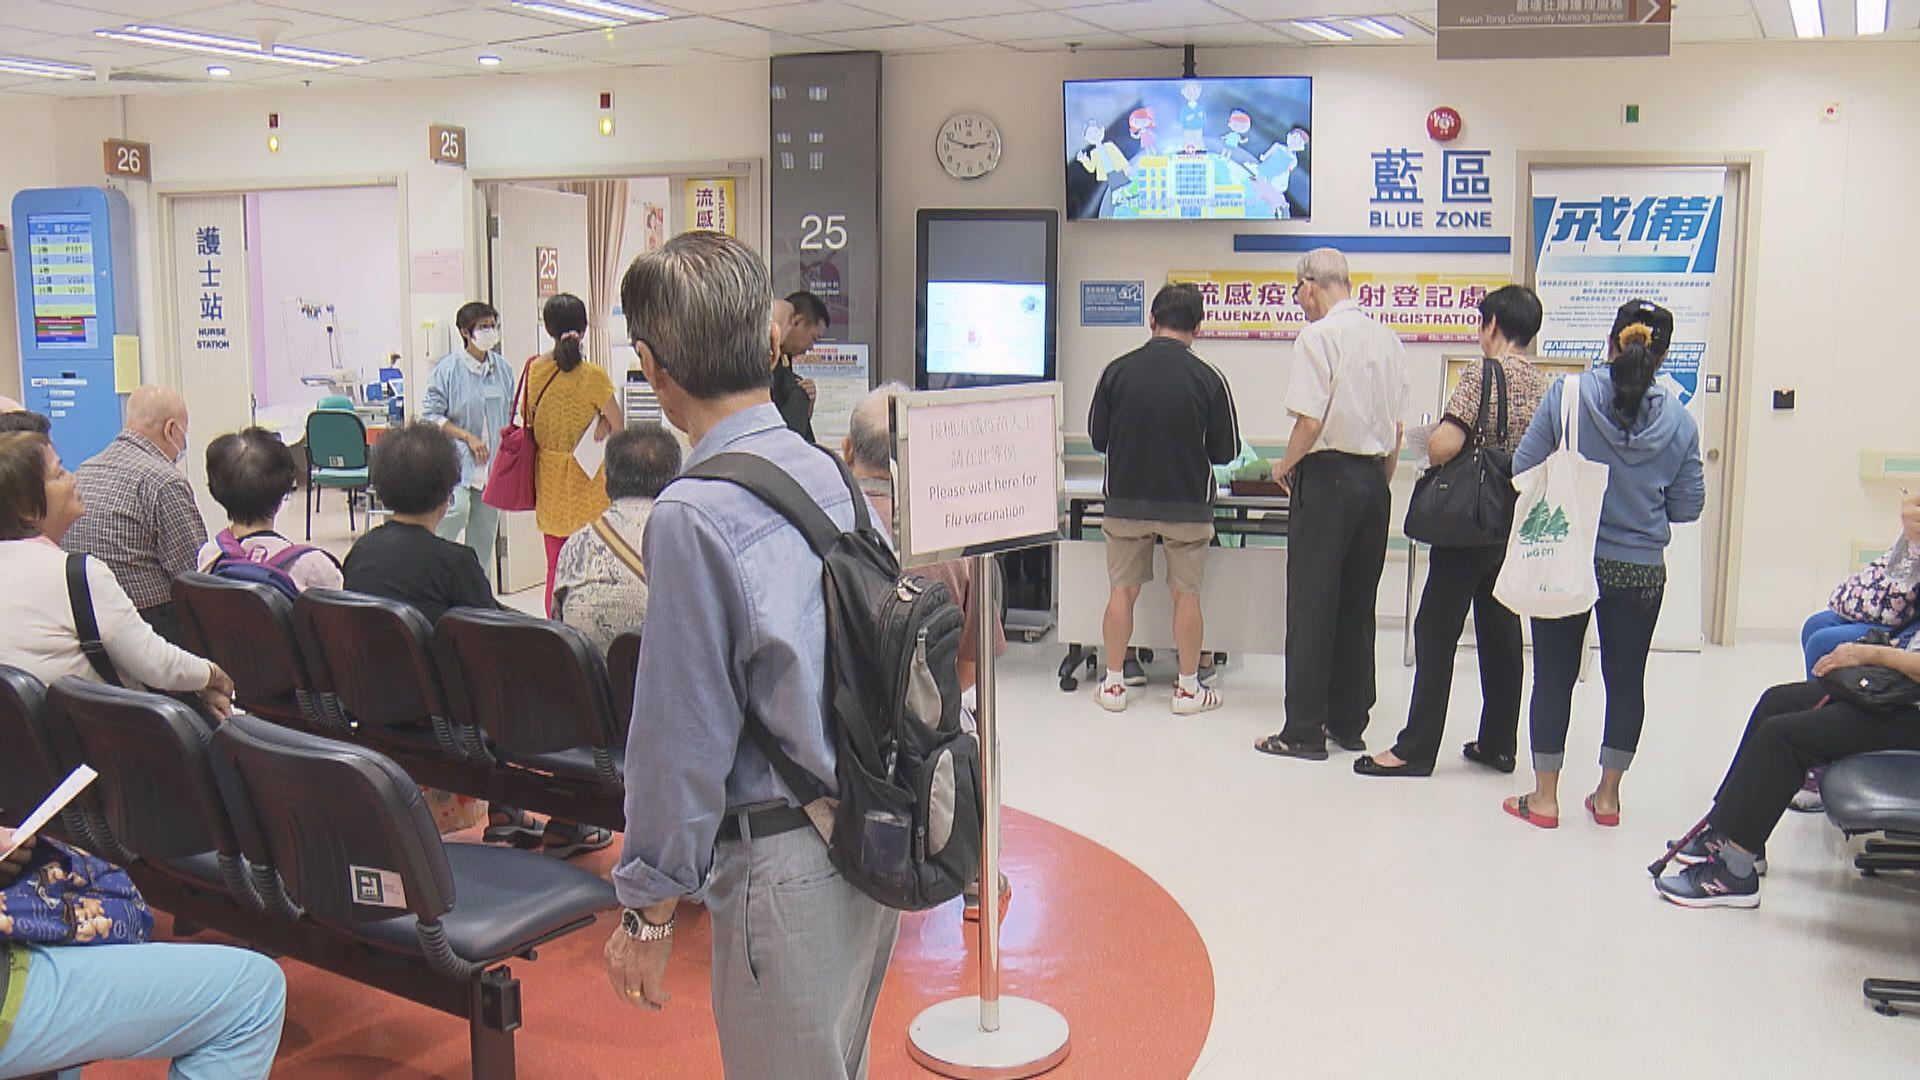 醫管局周四起分階段展開流感疫苗注射計劃